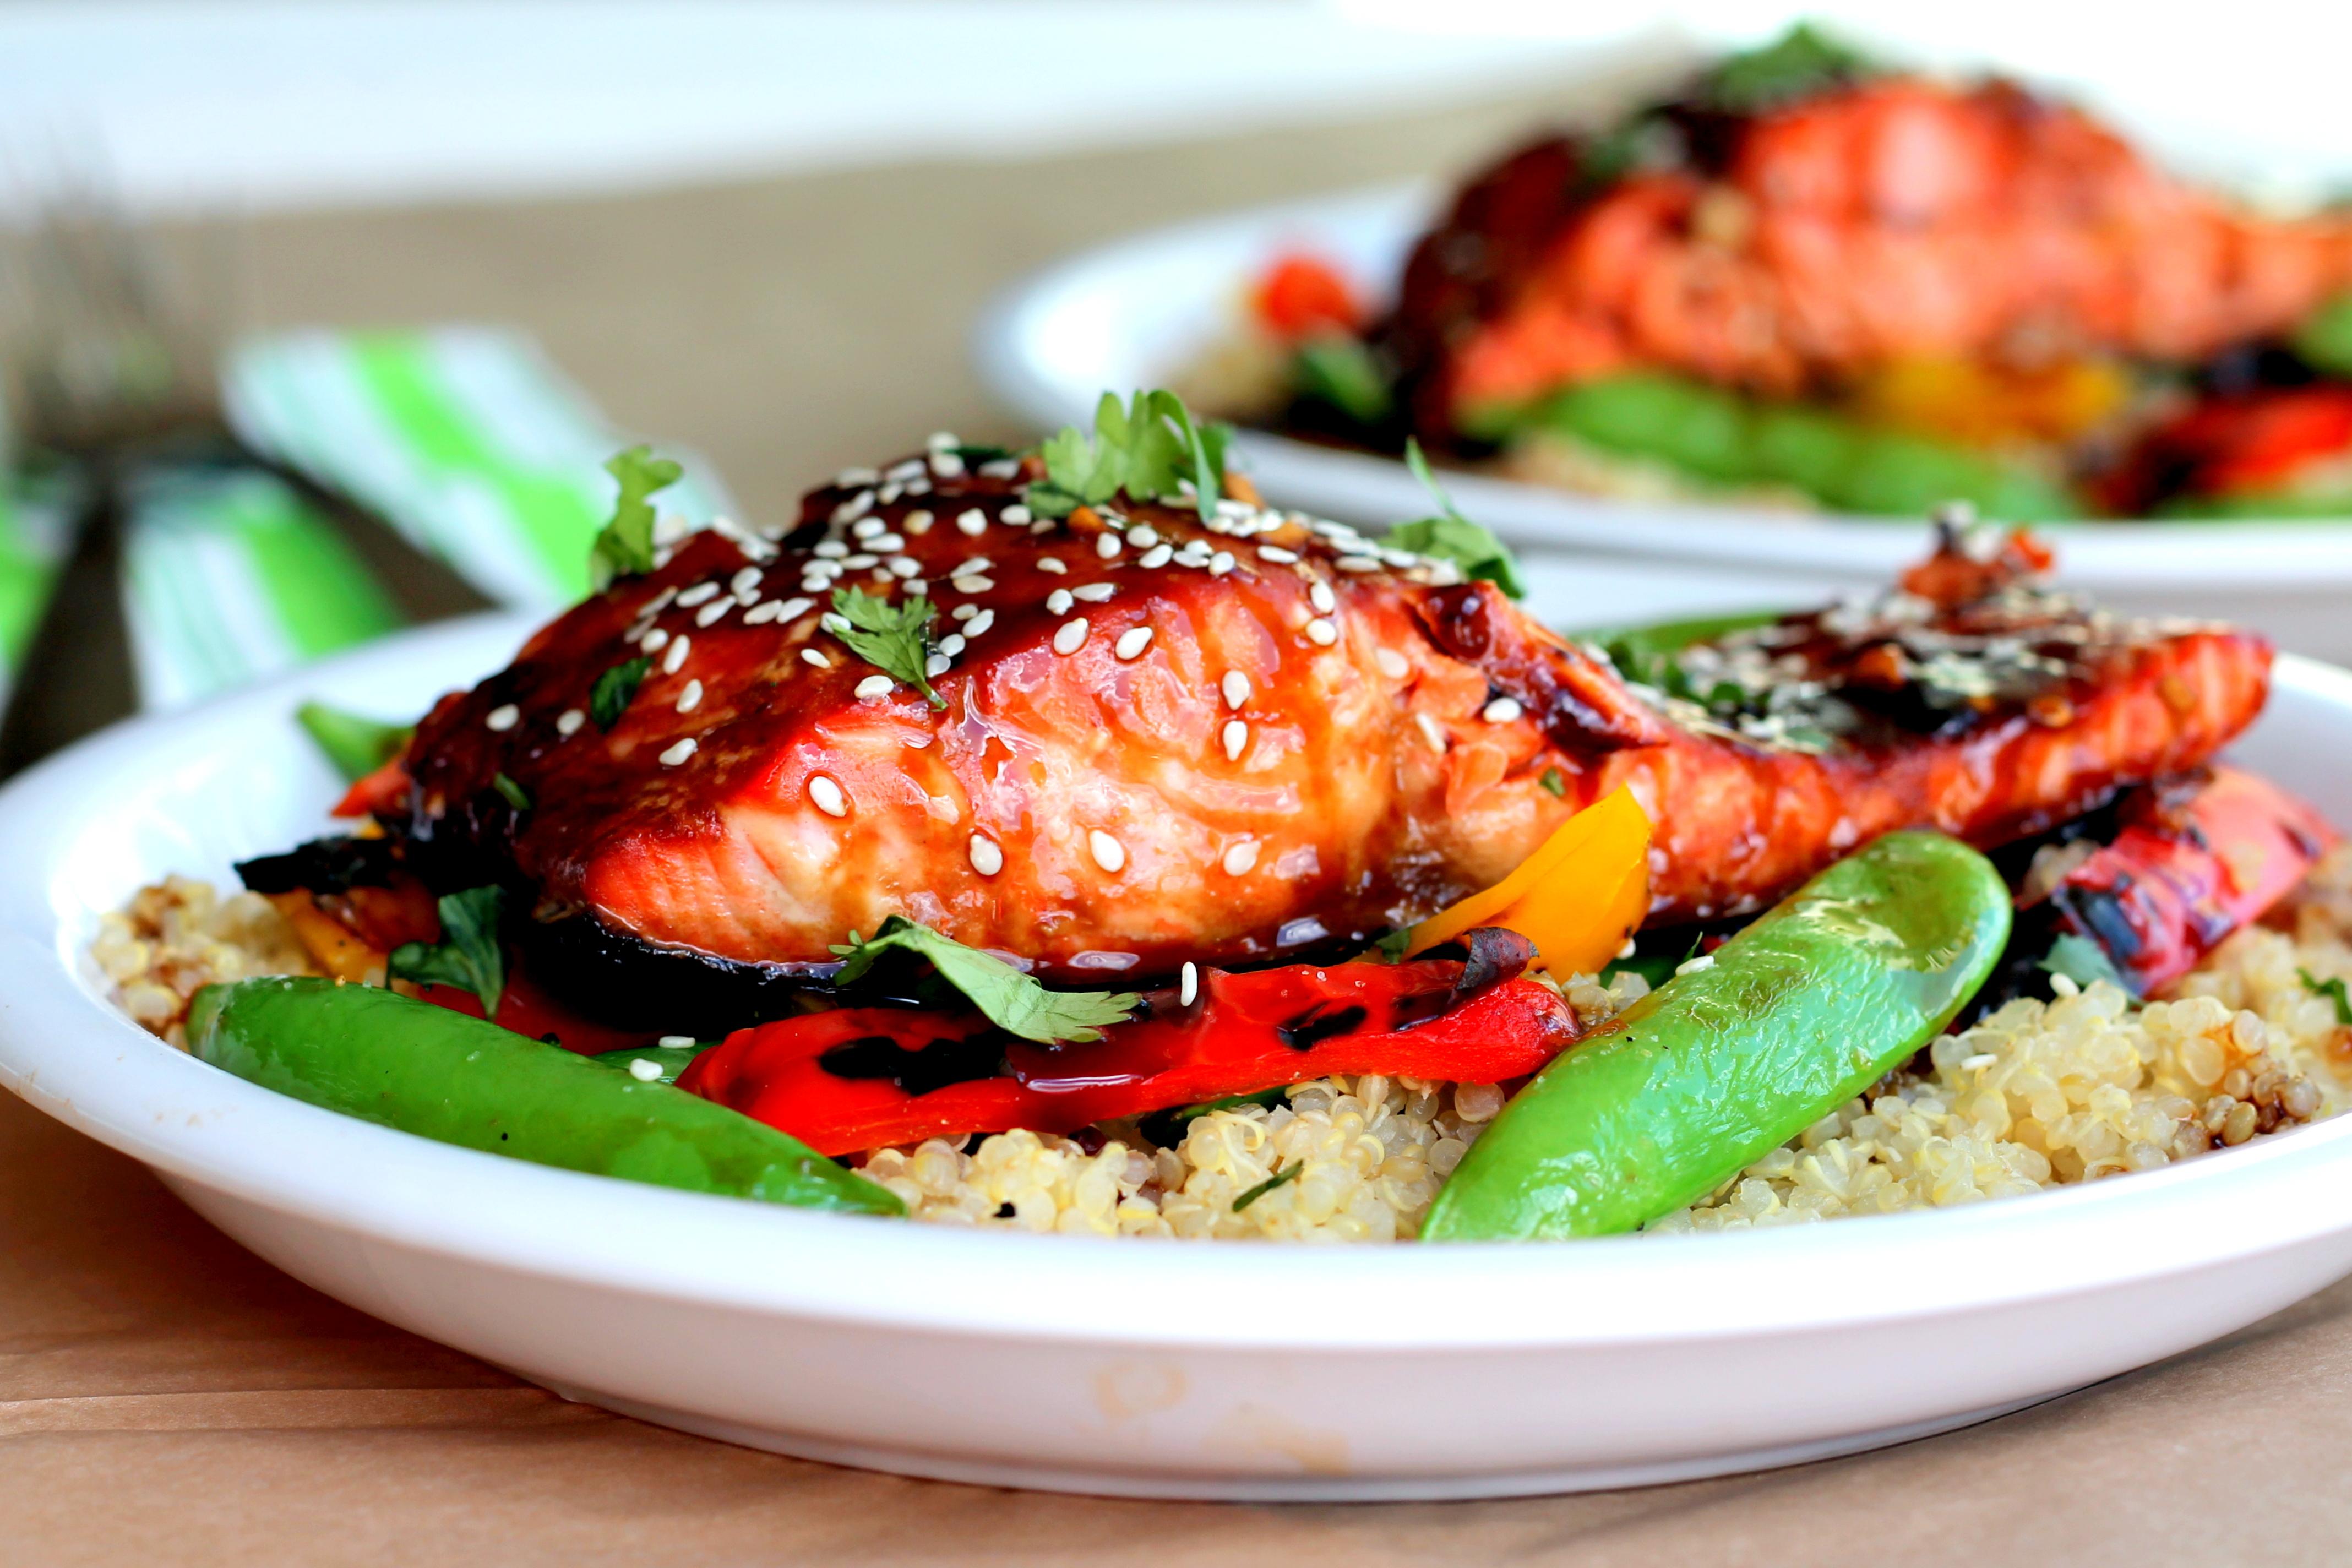 Sesame Ginger Teriyaki Salmon with Quinoa Stir Fry | Ambitious Kitchen